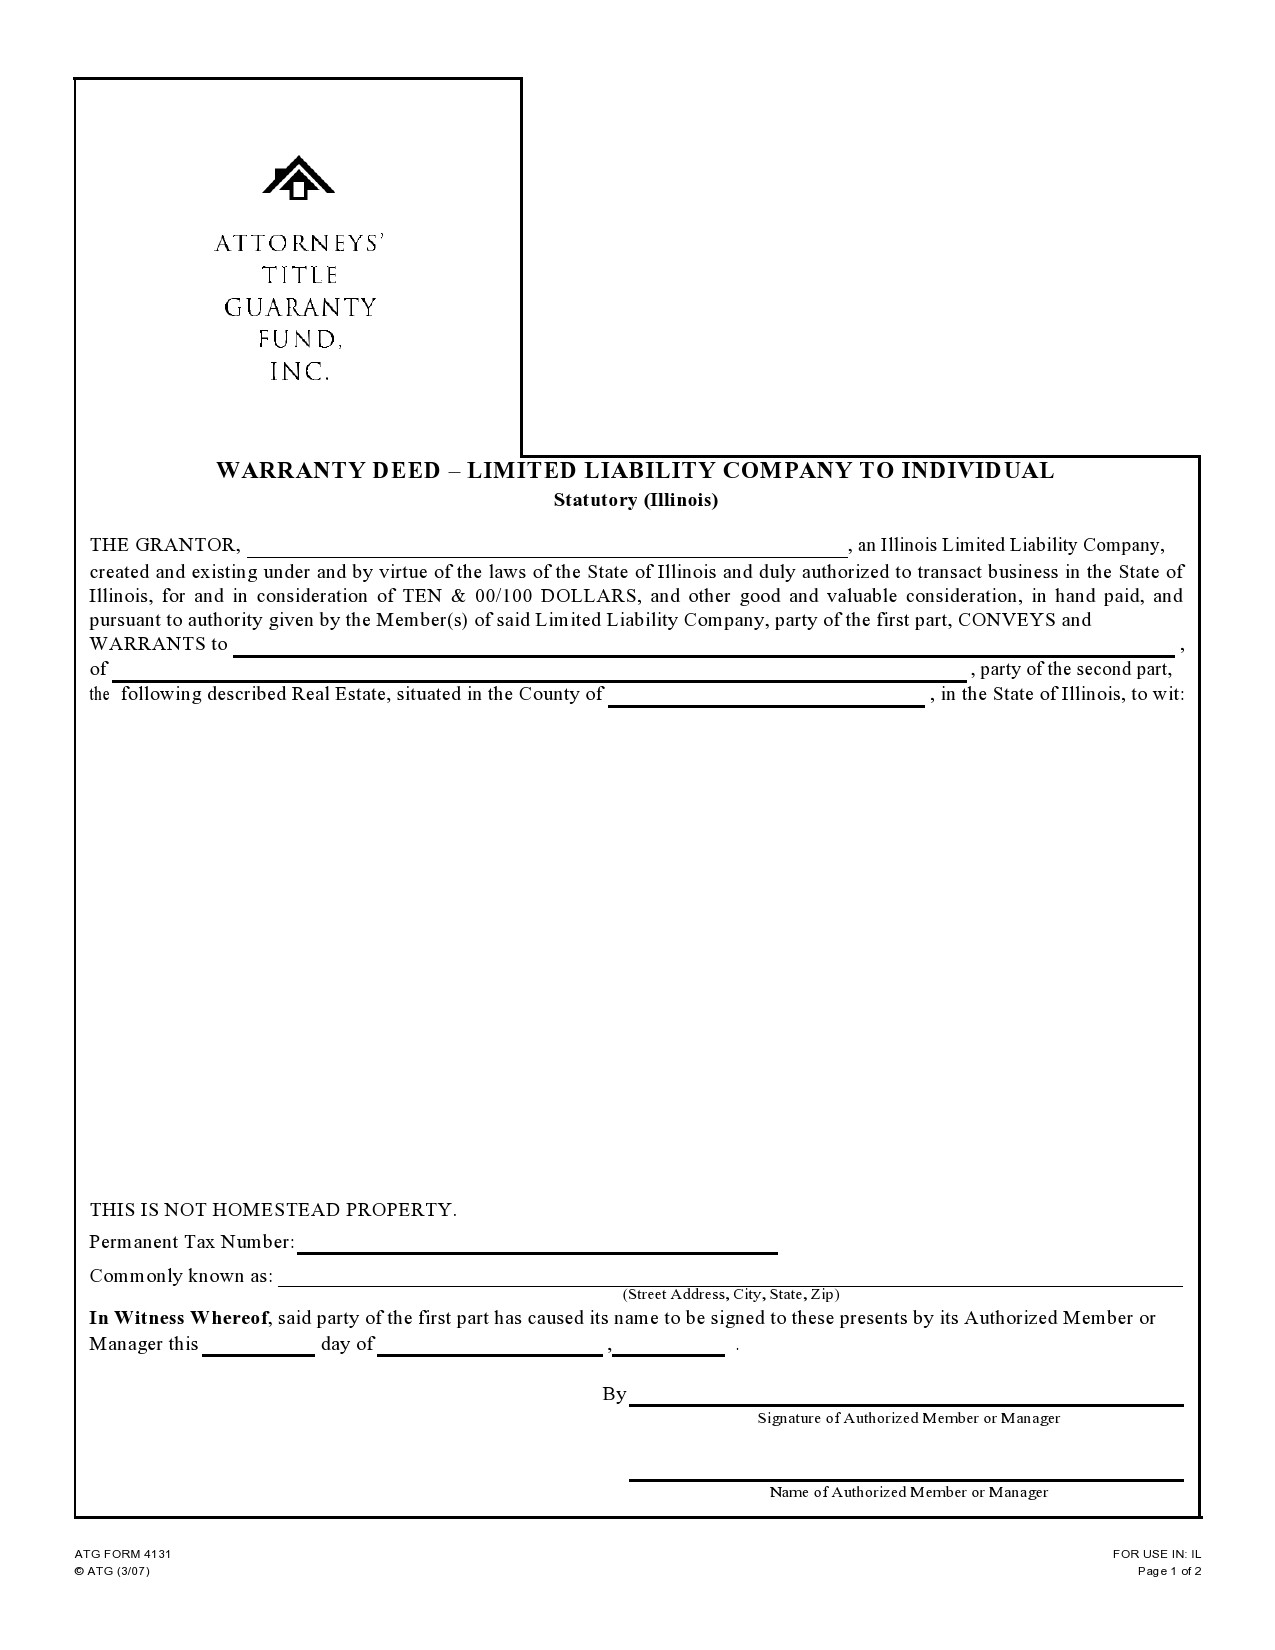 Free warranty deed form 30